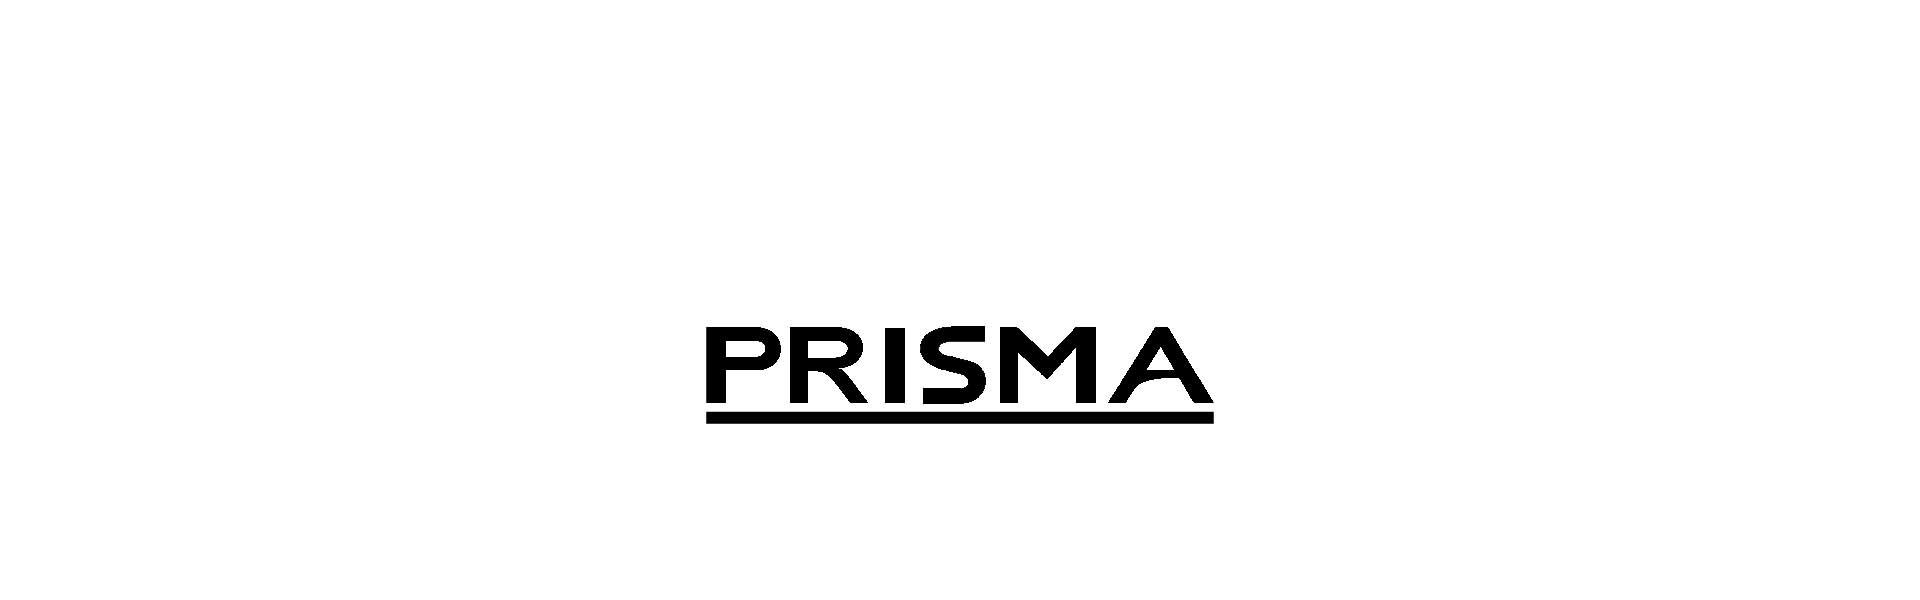 Prisma horloges voor heren.